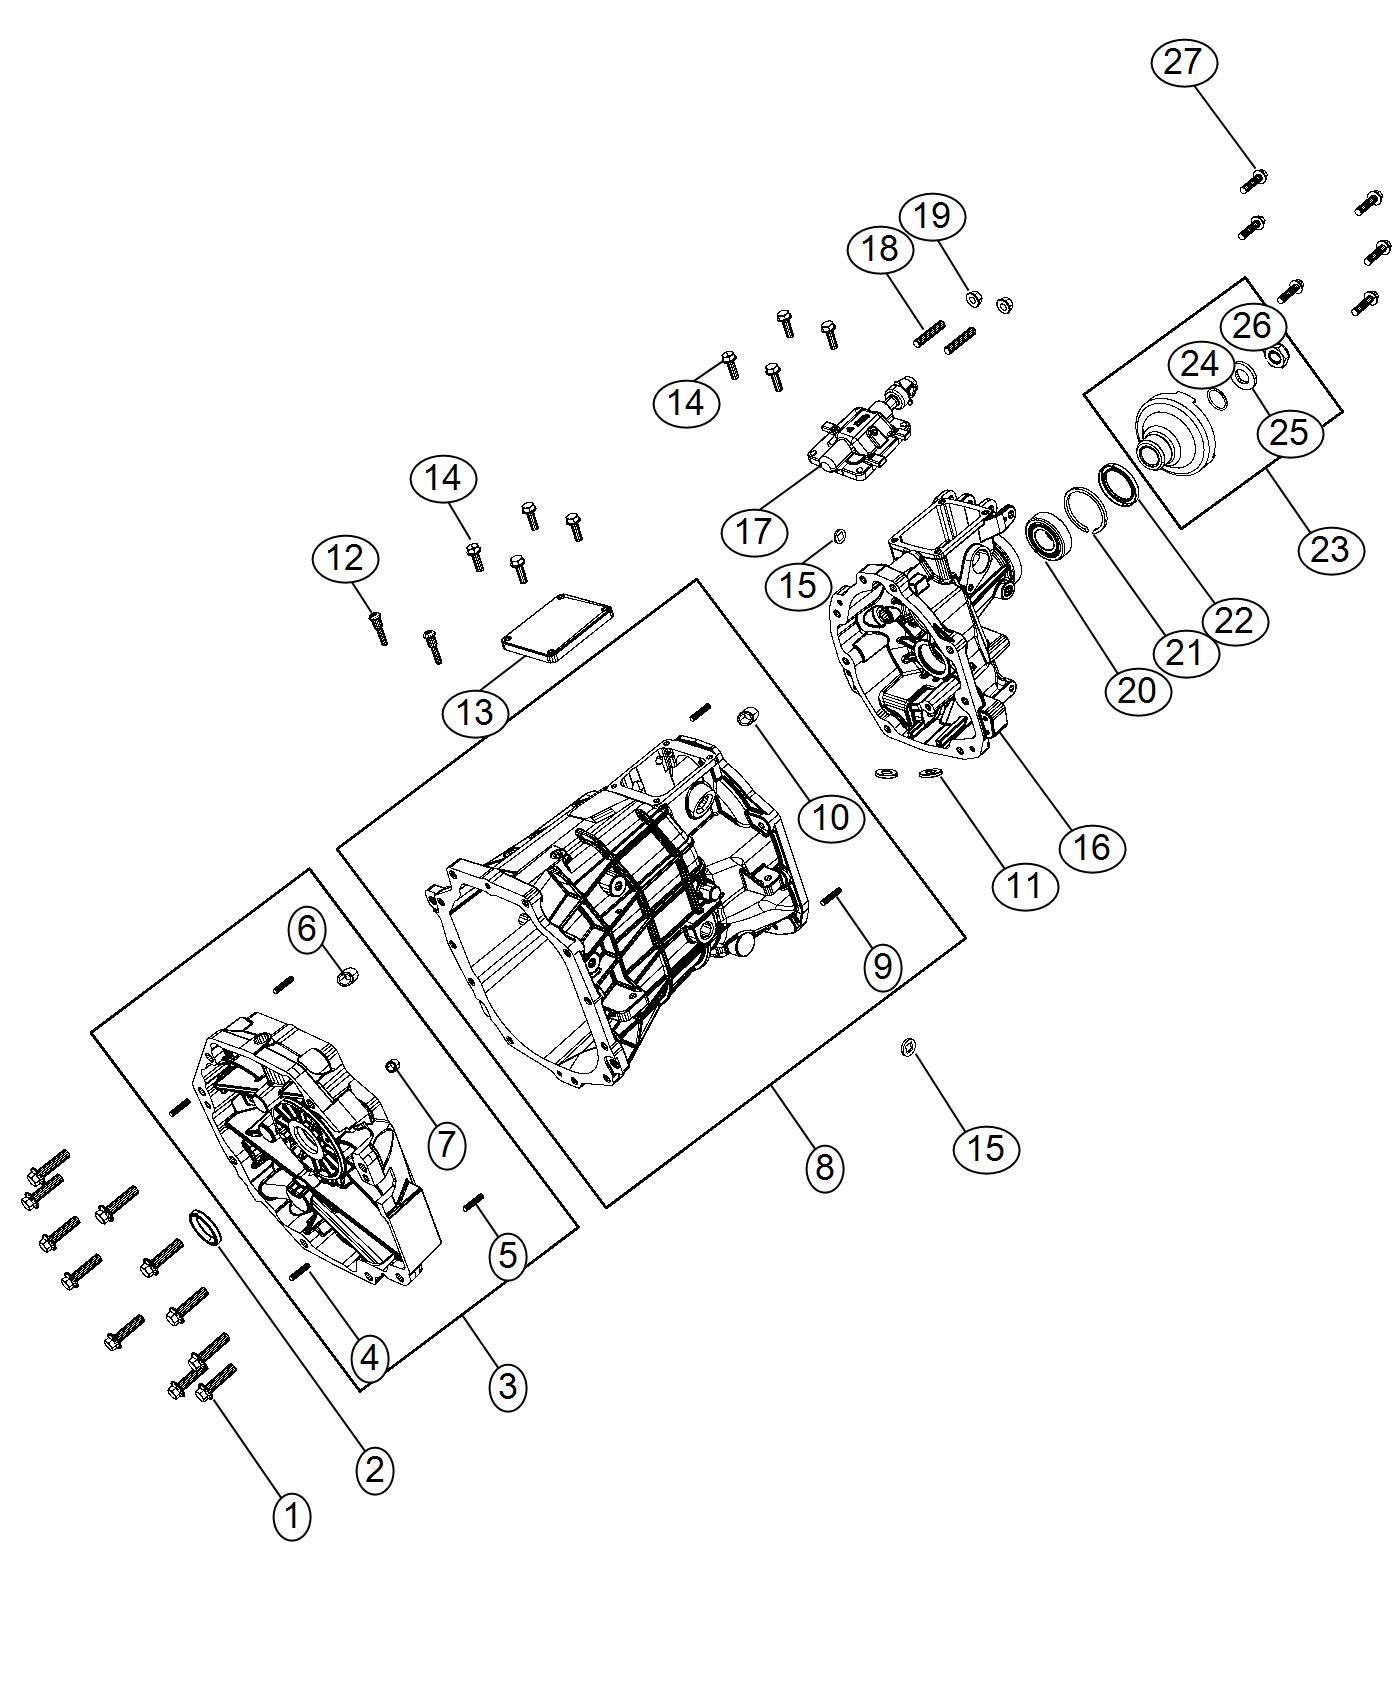 Dodge Ram 1500 Plug. Oil fill, transmission drain. Drain